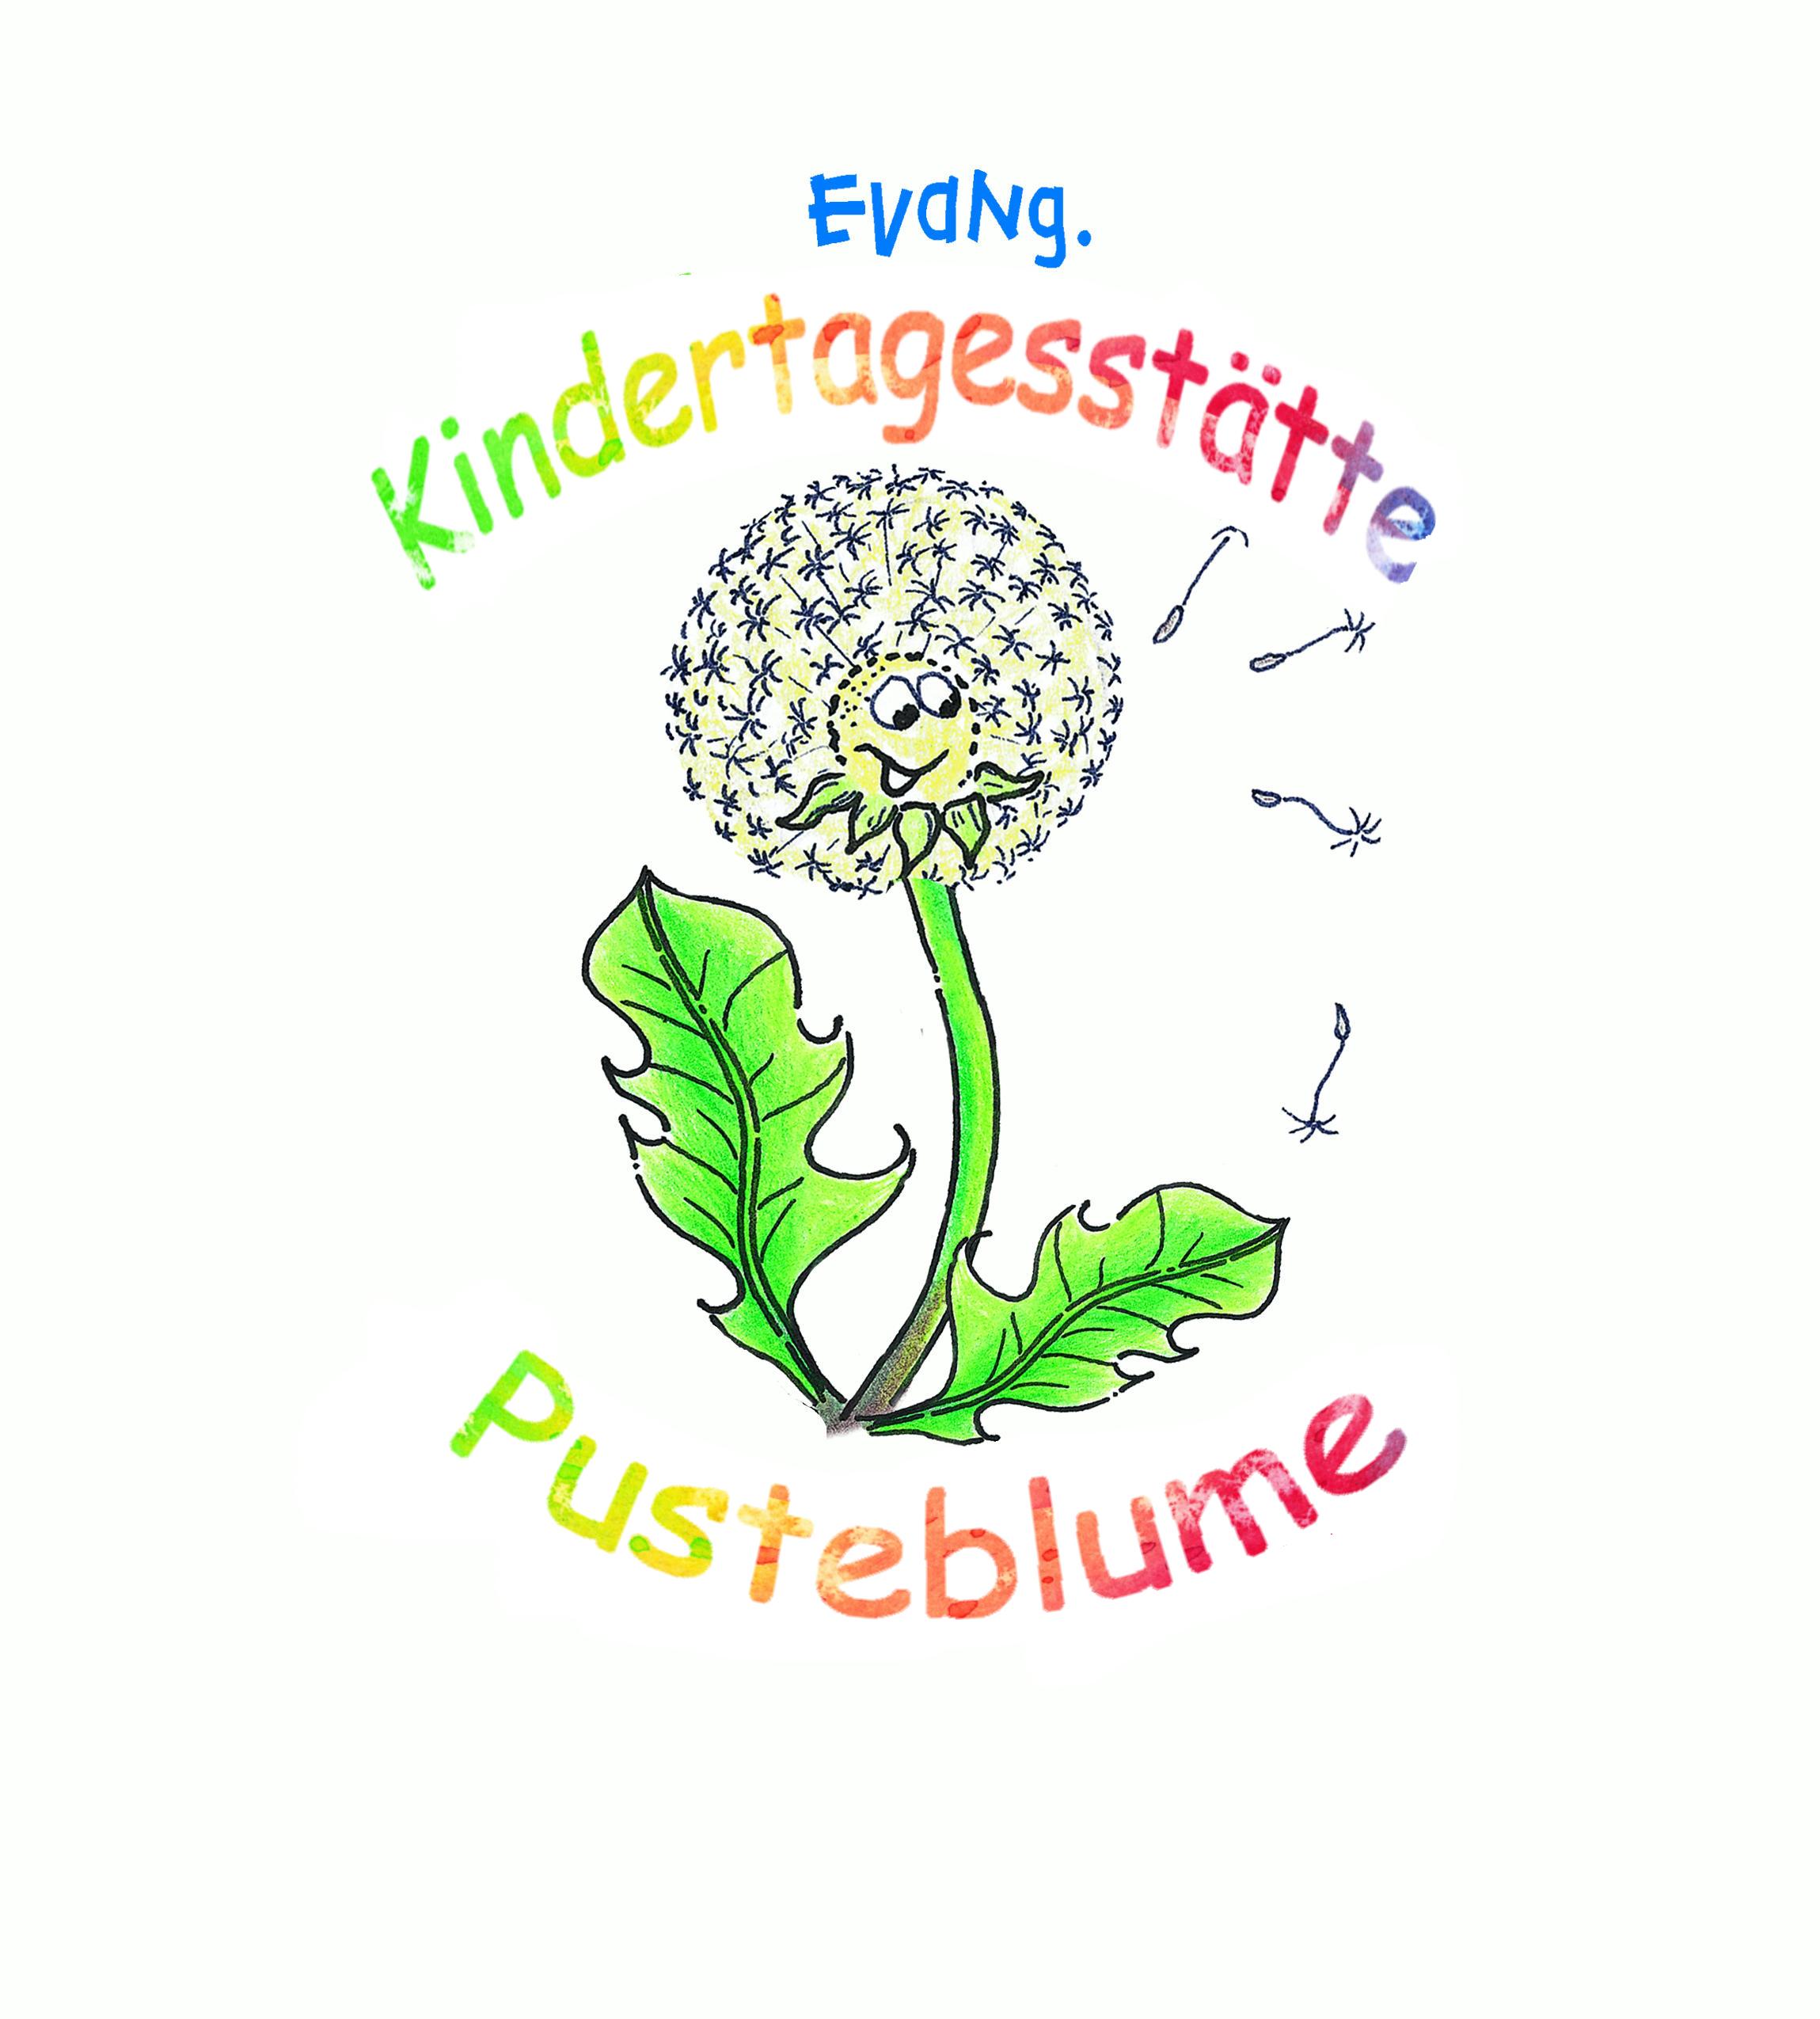 Evang Lutherische Kirche Langenzenn: Kindertagesstätte Pusteblume